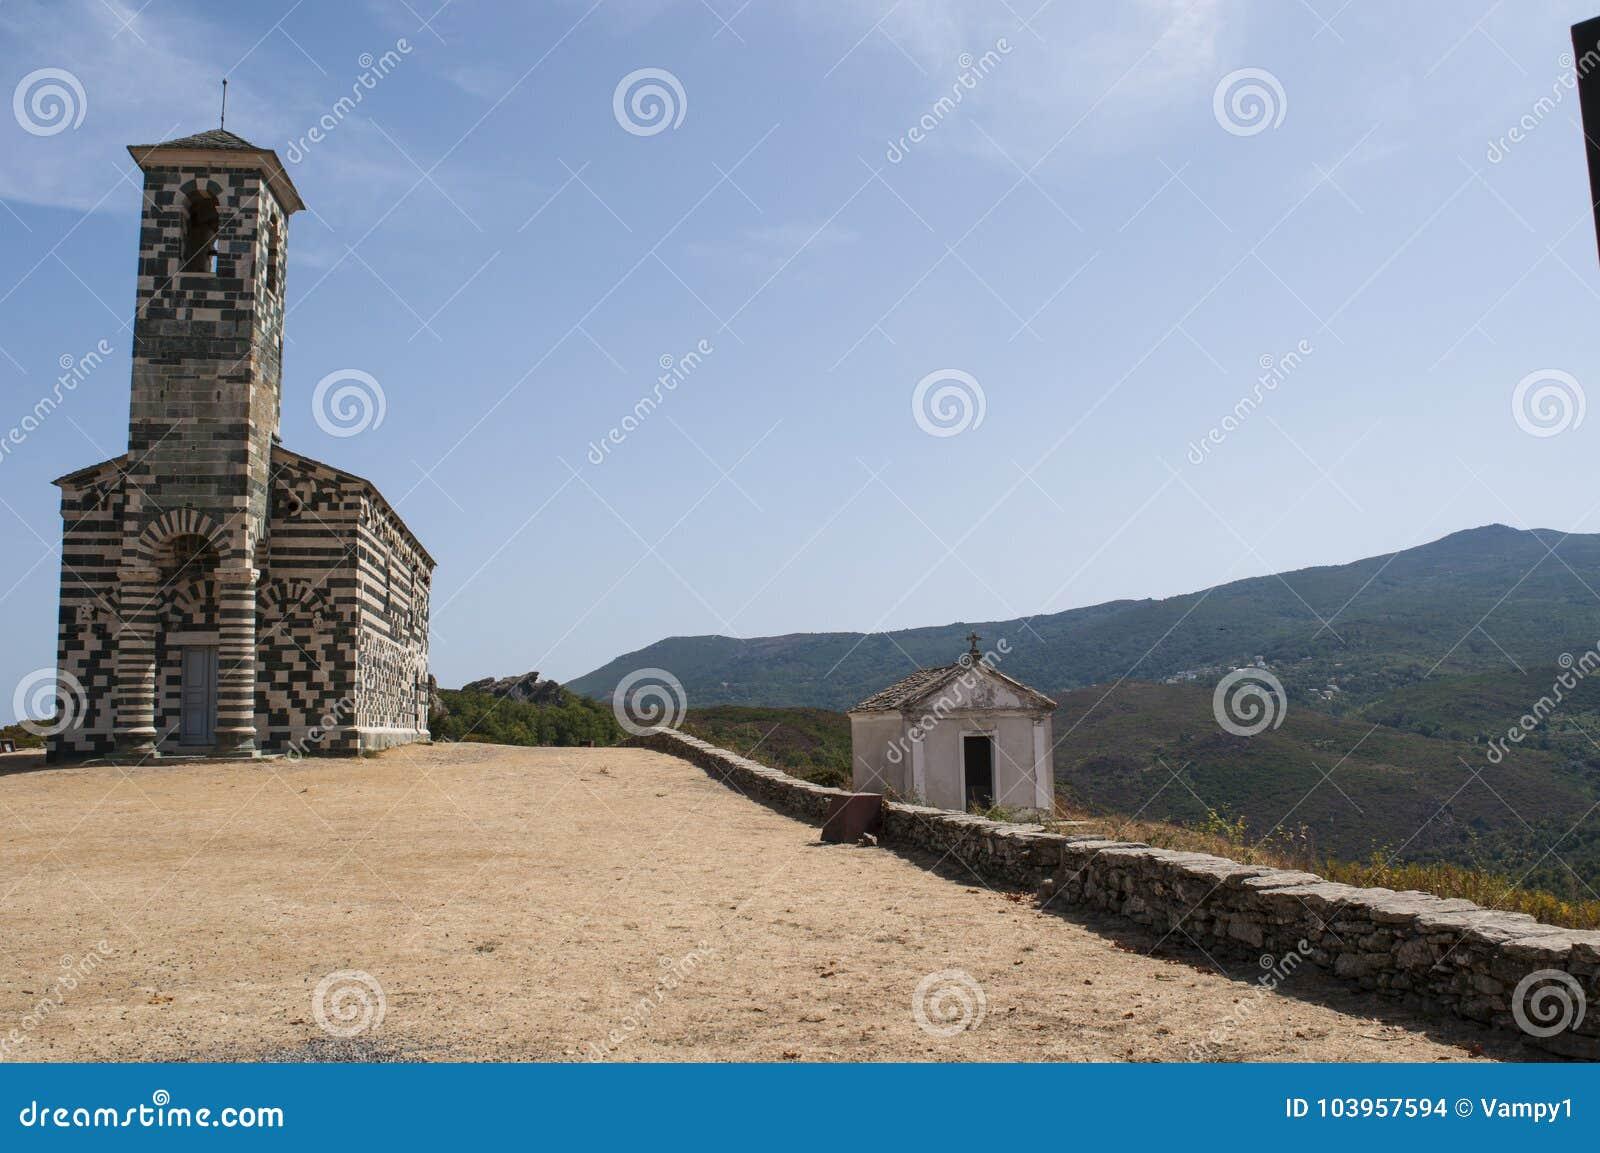 San Michele de Murato, church, Murato, Haute-Corse, Corsica, France, island, Europe